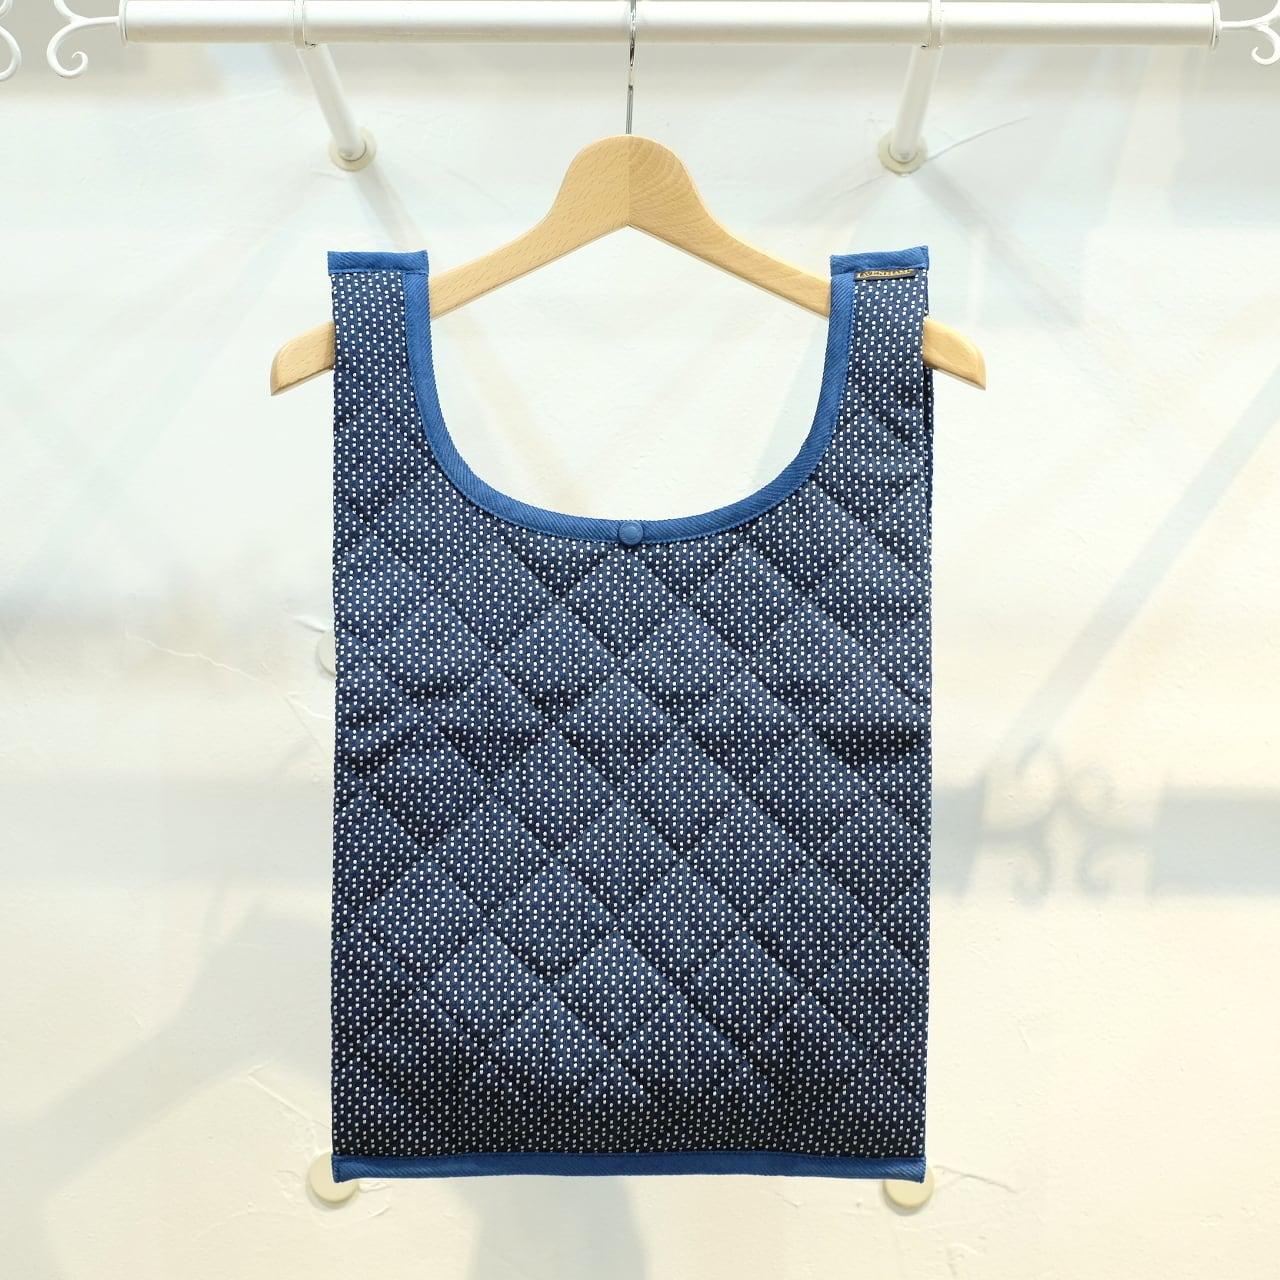 KUON(クオン)×LAVENHAM(ラベンハム) 藍染刺し子キルティングマルシェバッグ(KELSALE)